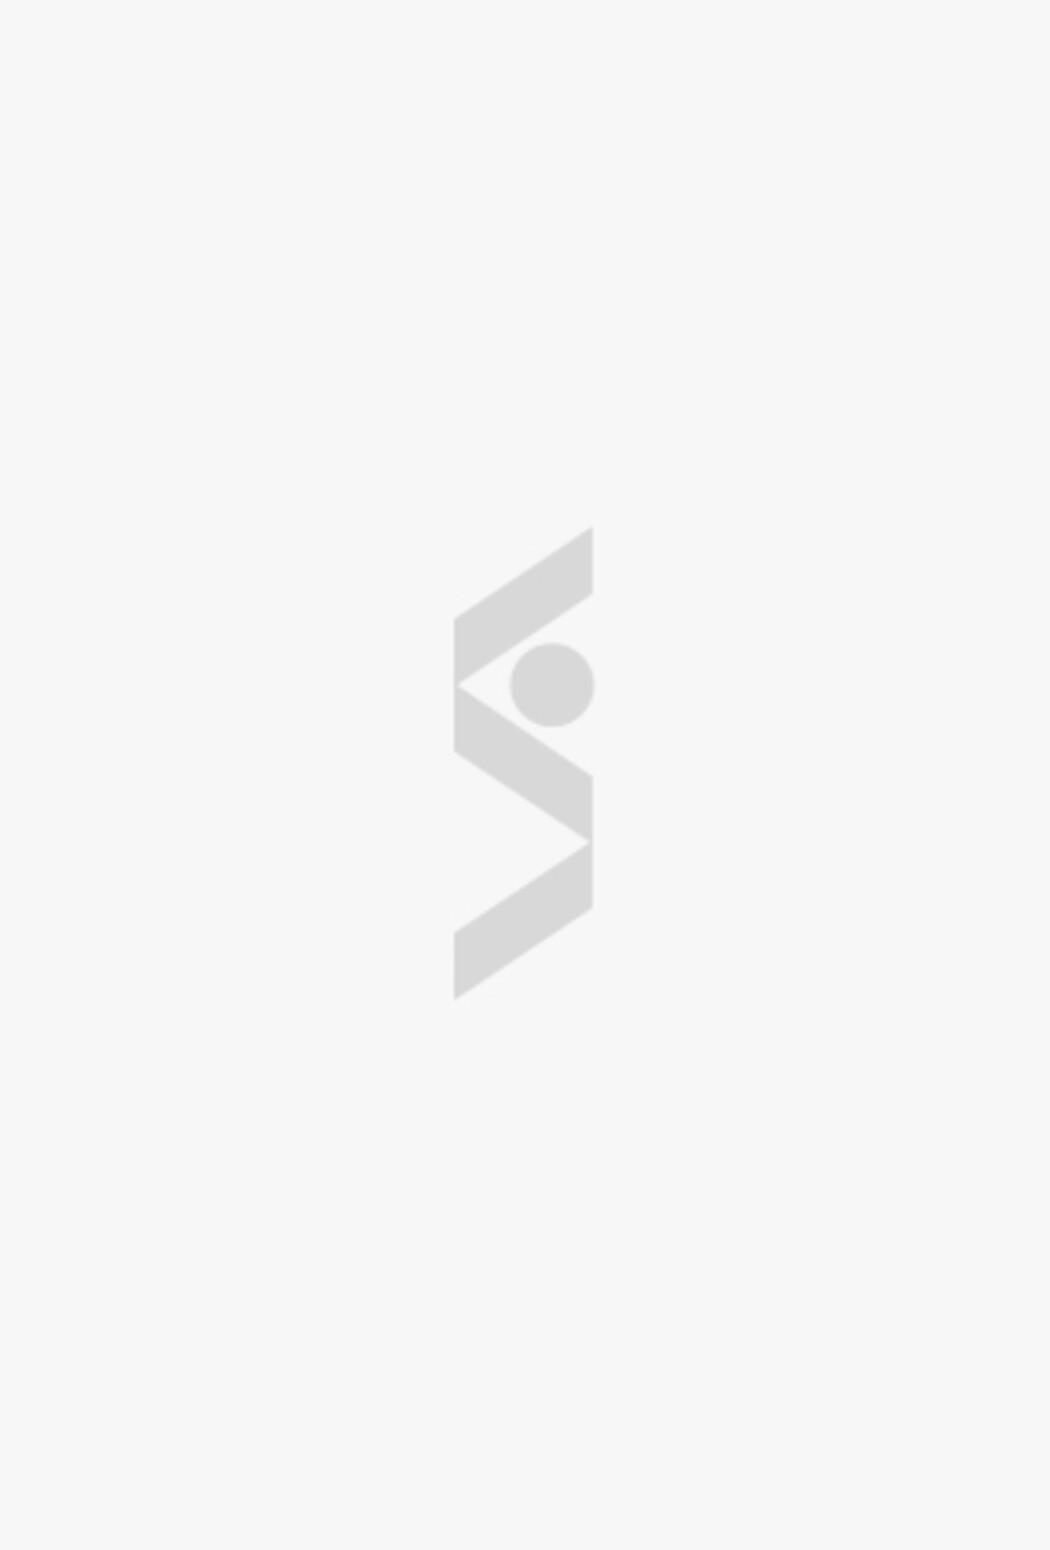 Джинсы с лампасами BOSS - купить, цена ₽ в Москве в интернет ...